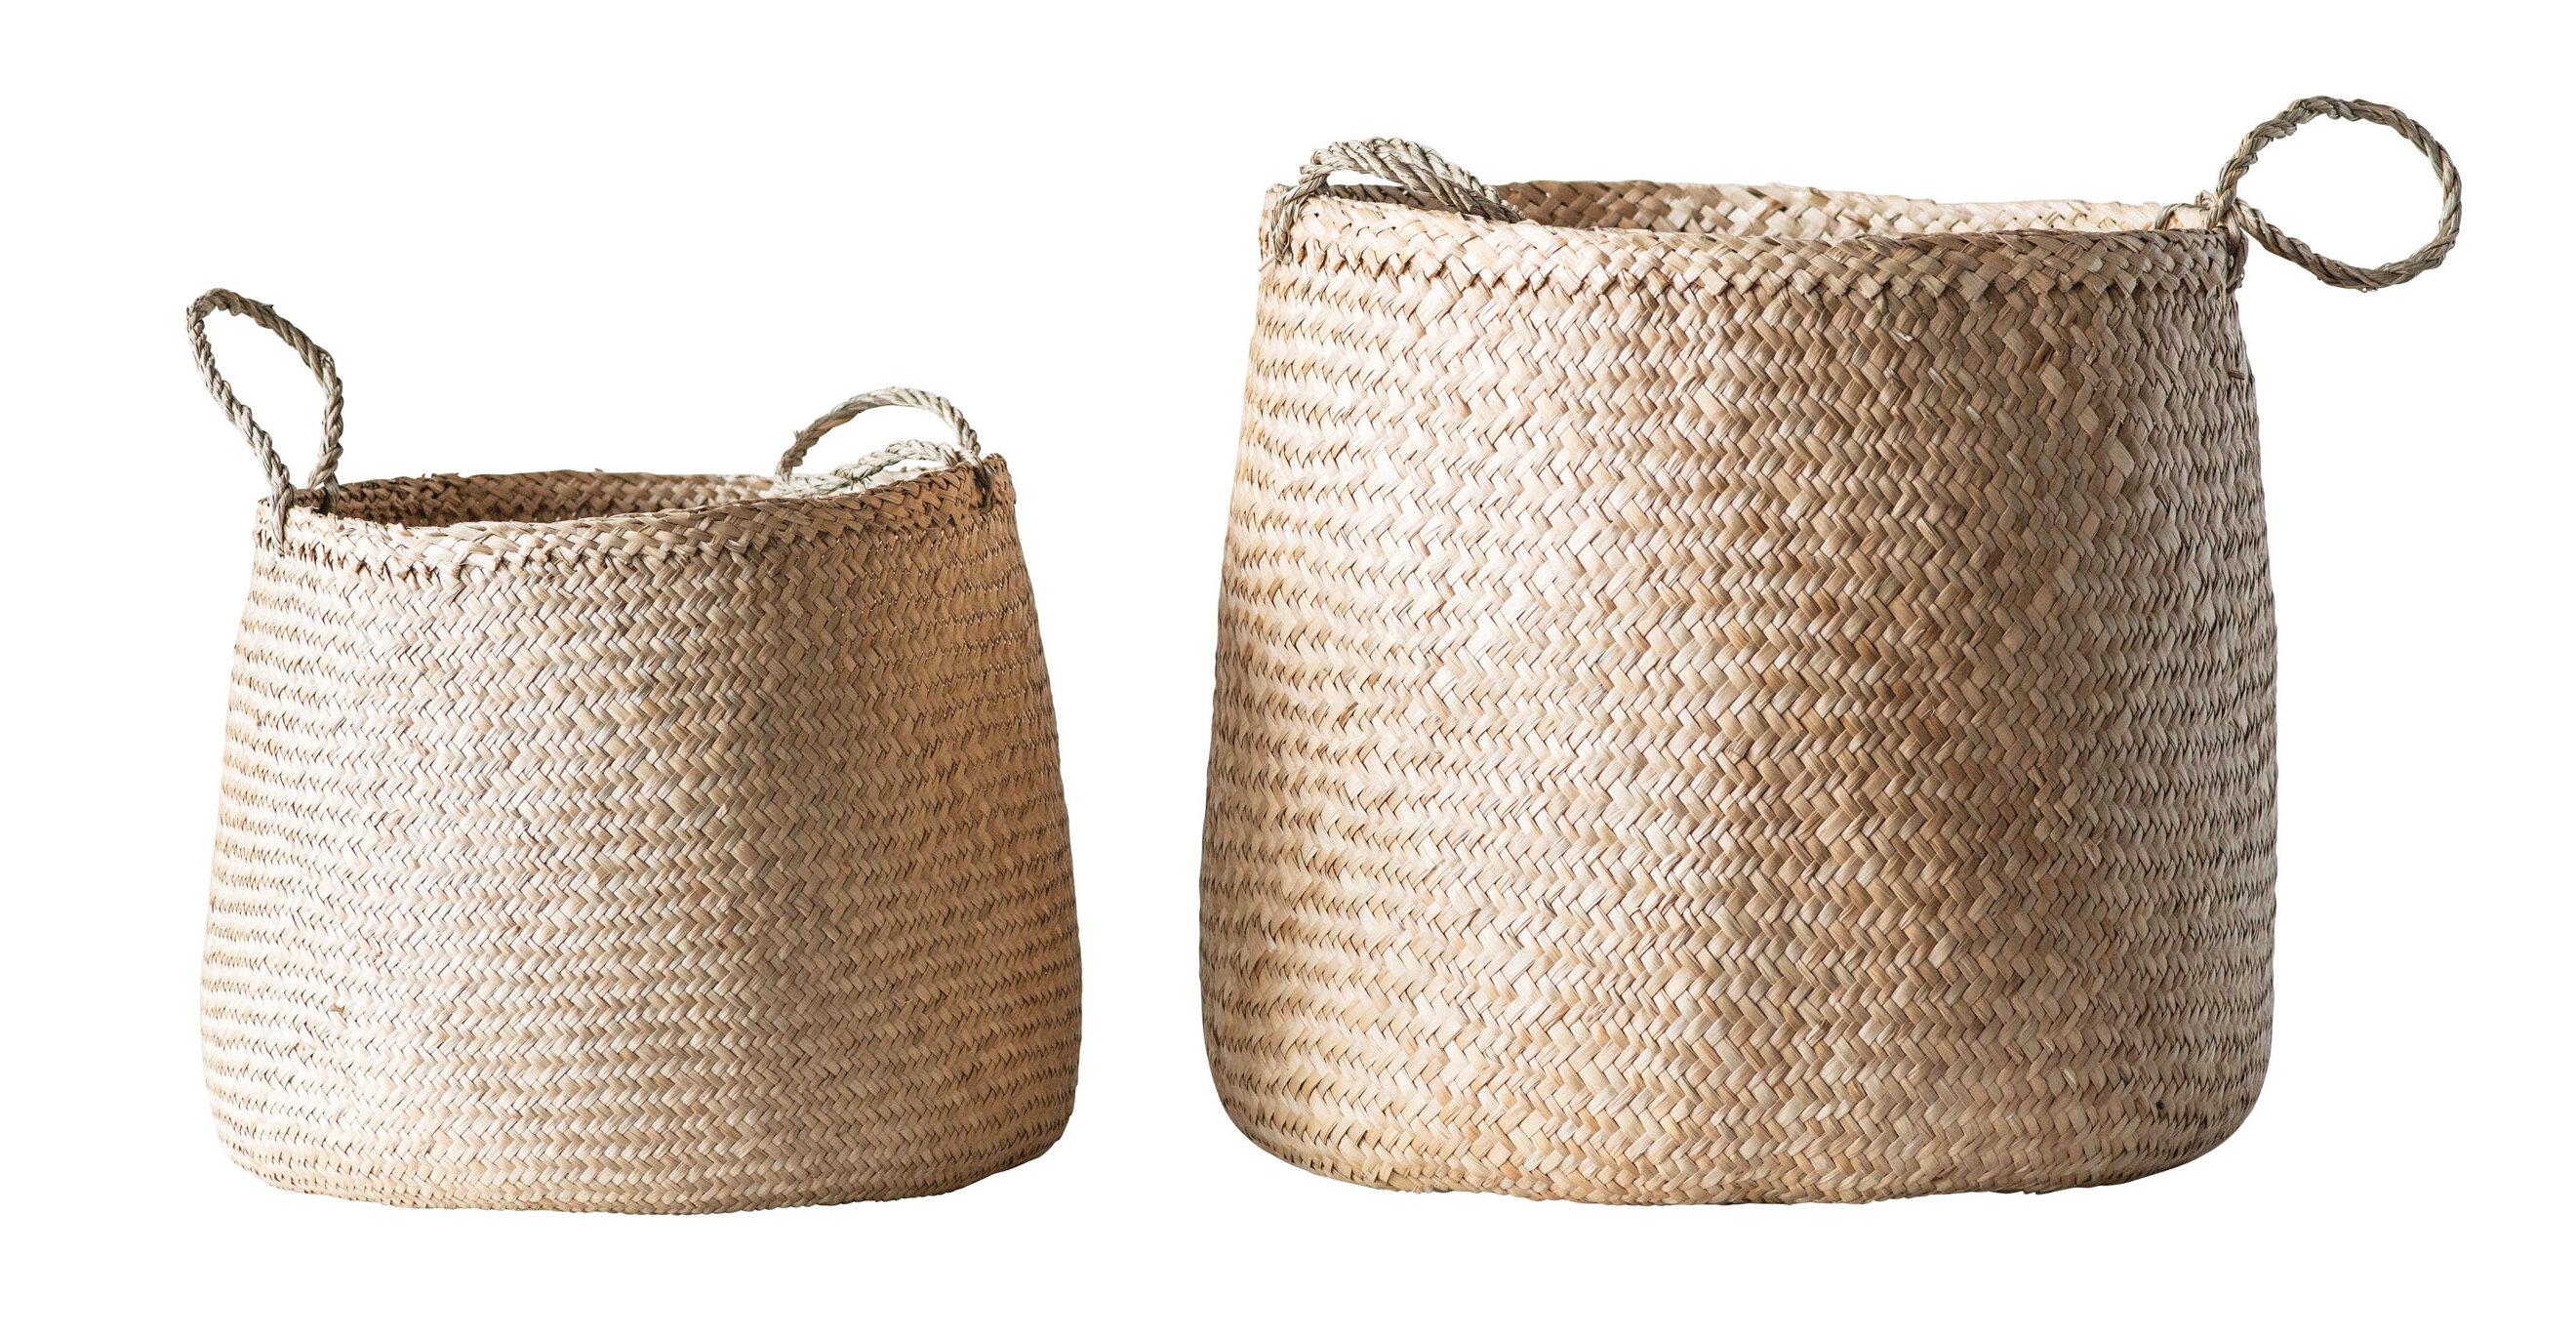 Allmodern 2 Piece Seagrass Basket Set Reviews Wayfair